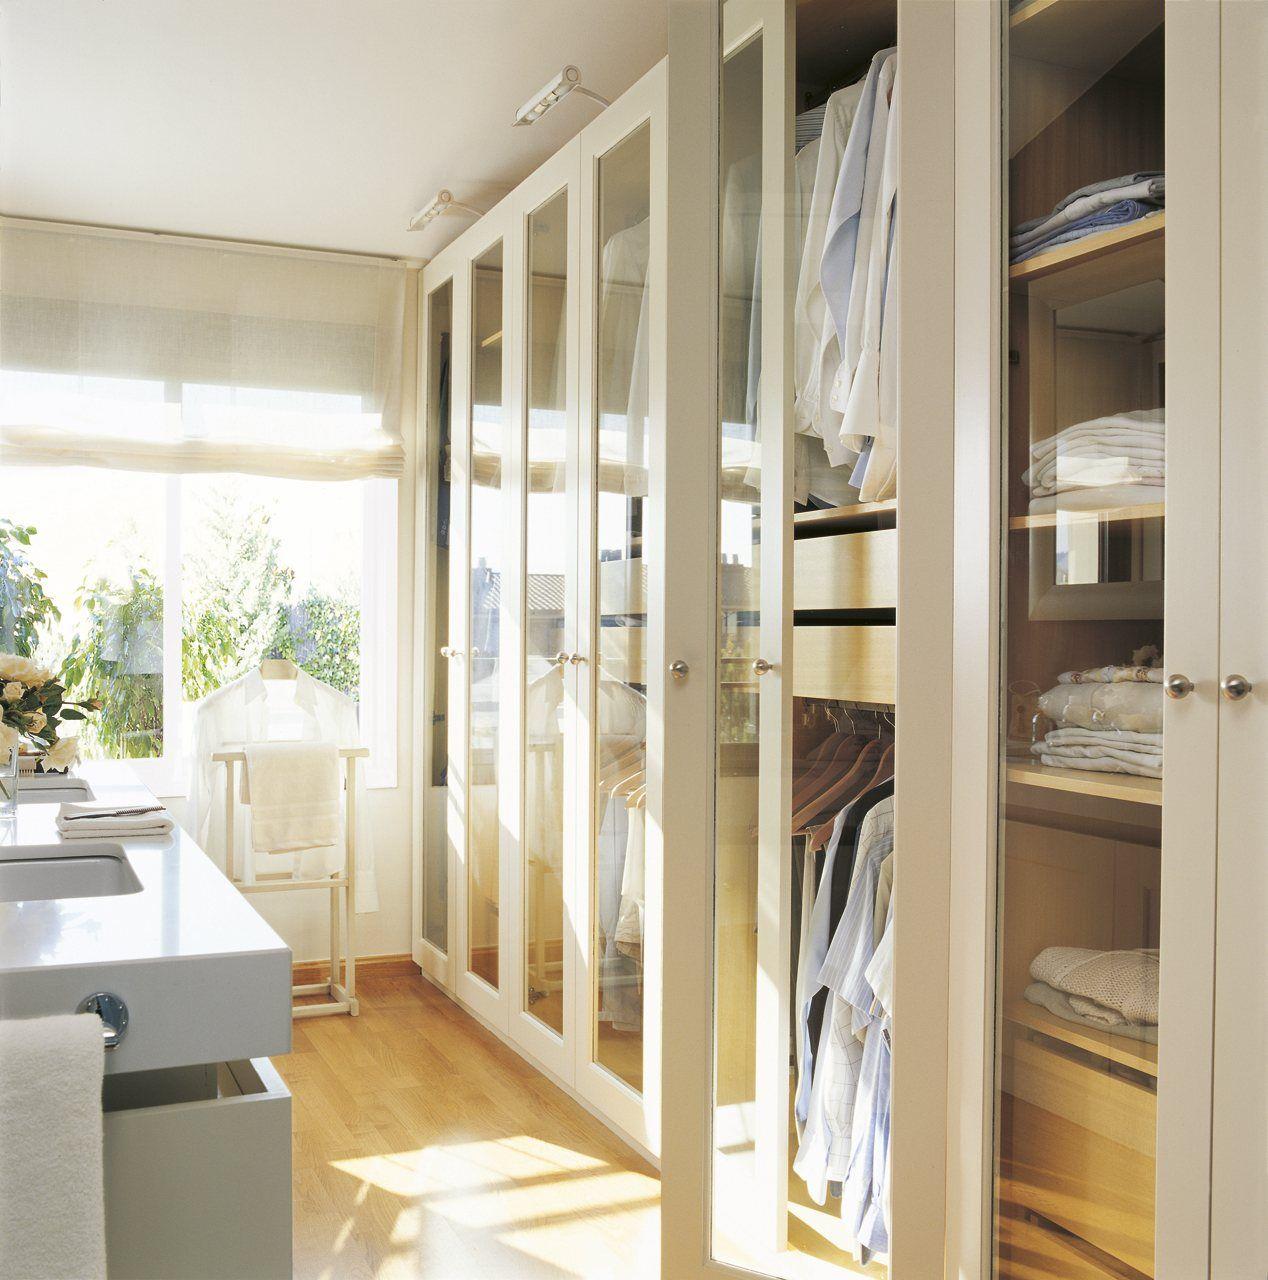 Gana un pequeño vestidor | Vestidor, Dormitorio y Pequeños